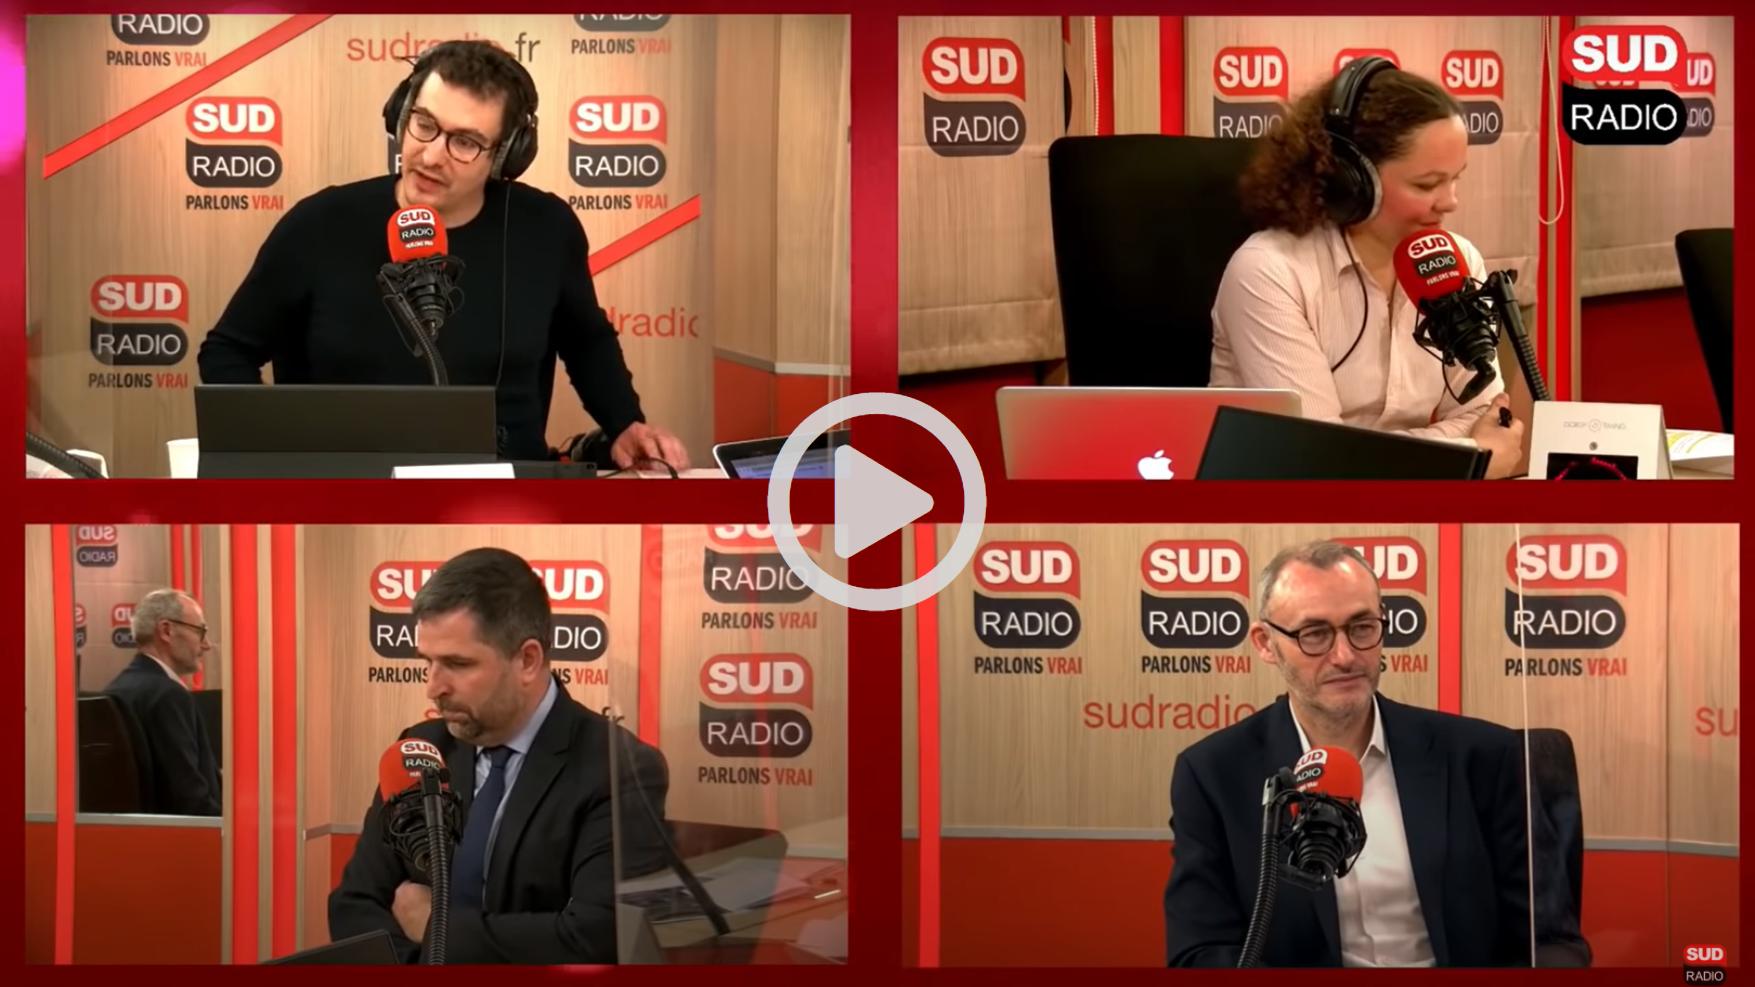 Passage Sud Radio Eudes